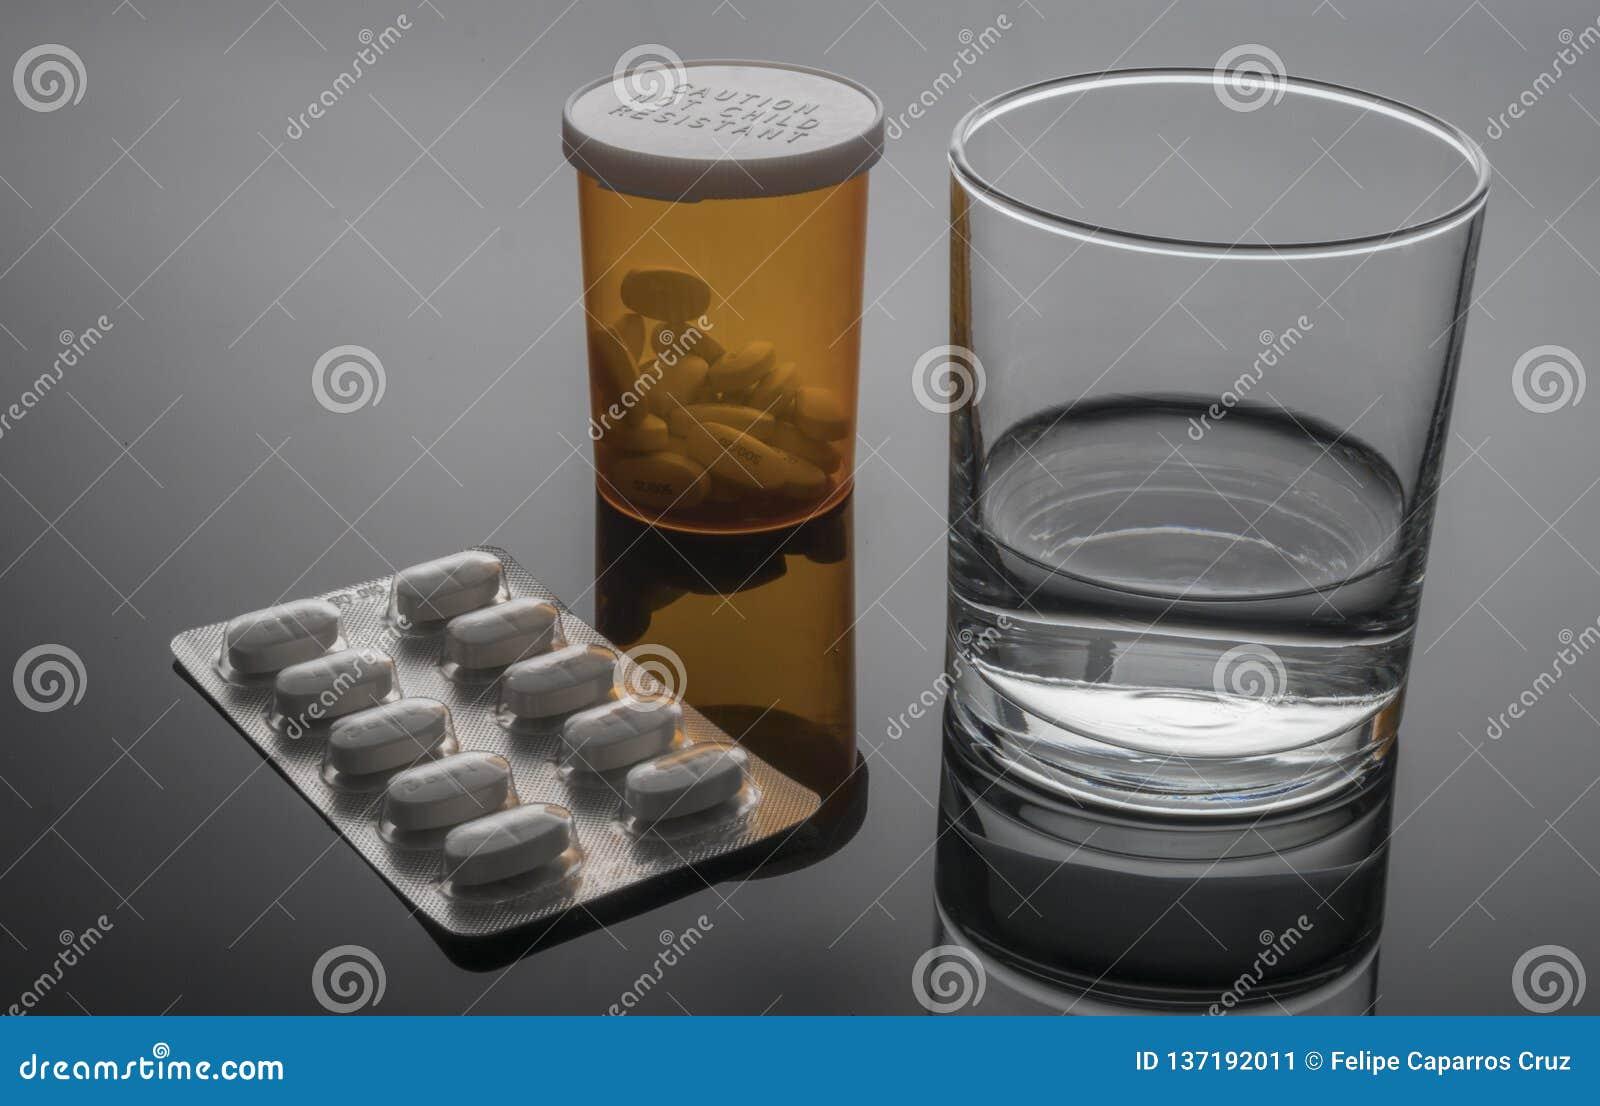 Ποτήρι του νερού δίπλα στο πακέτο φουσκαλών των χαπιών